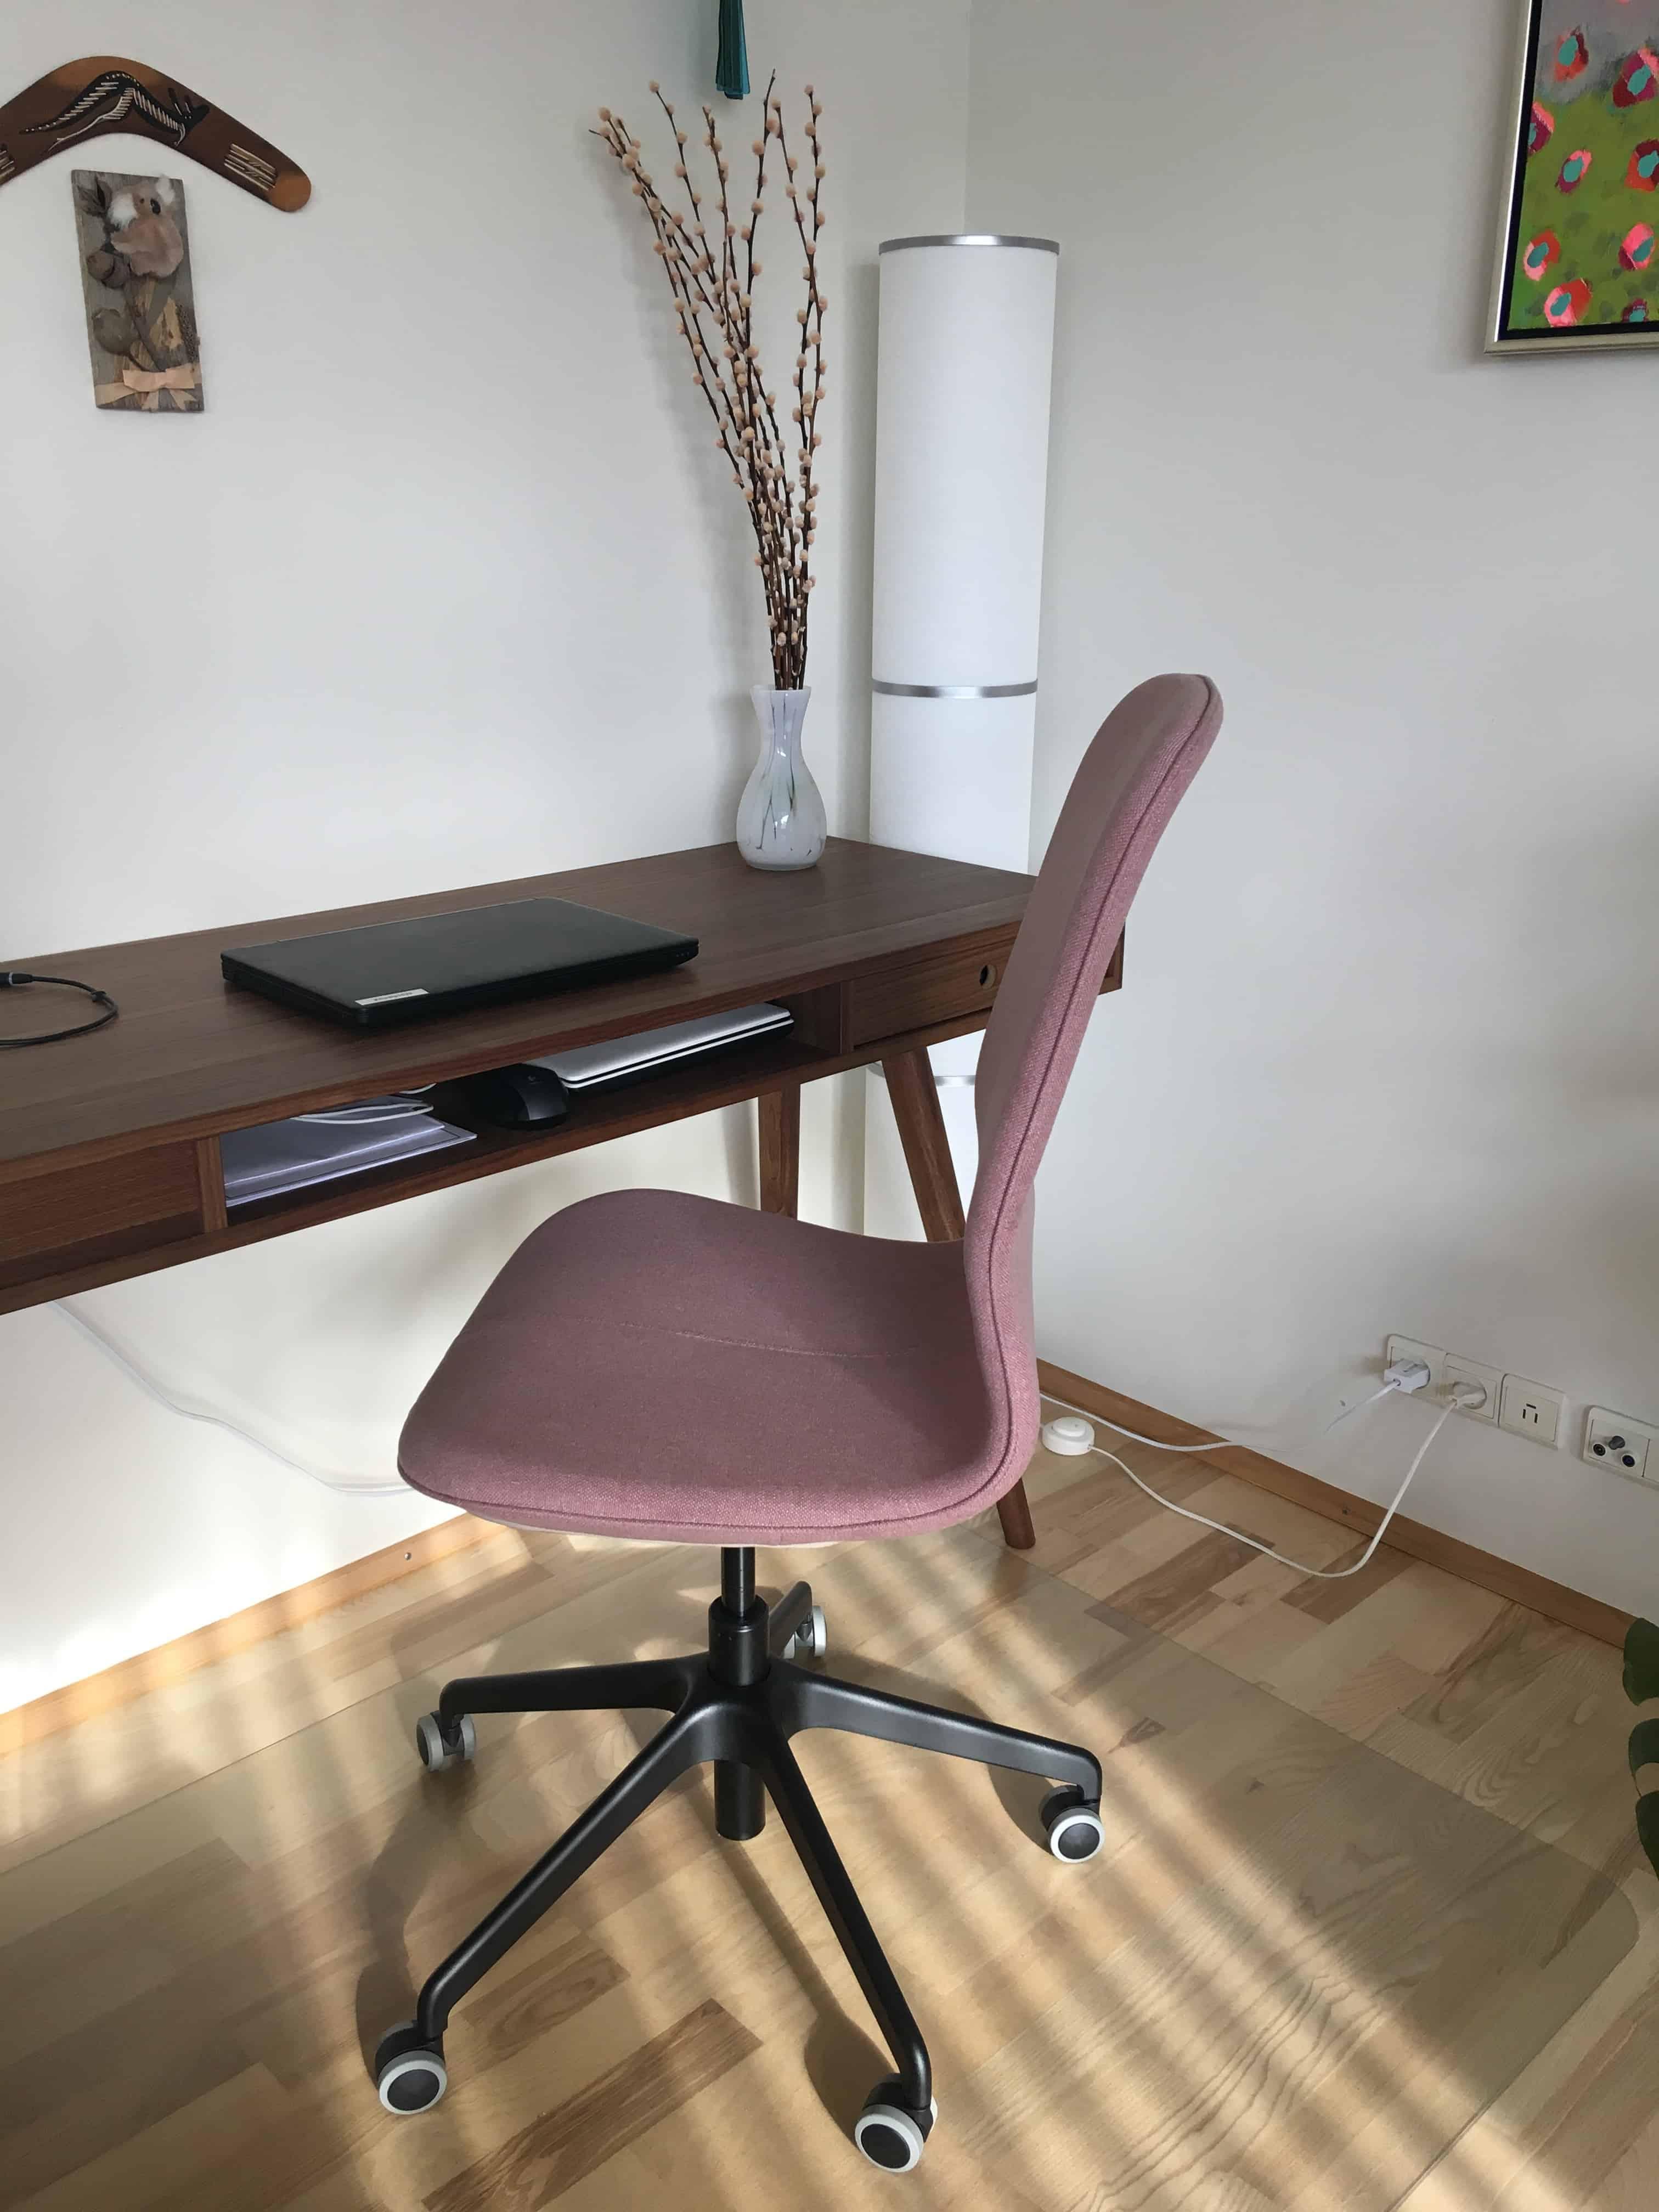 Vores nye kontorstol